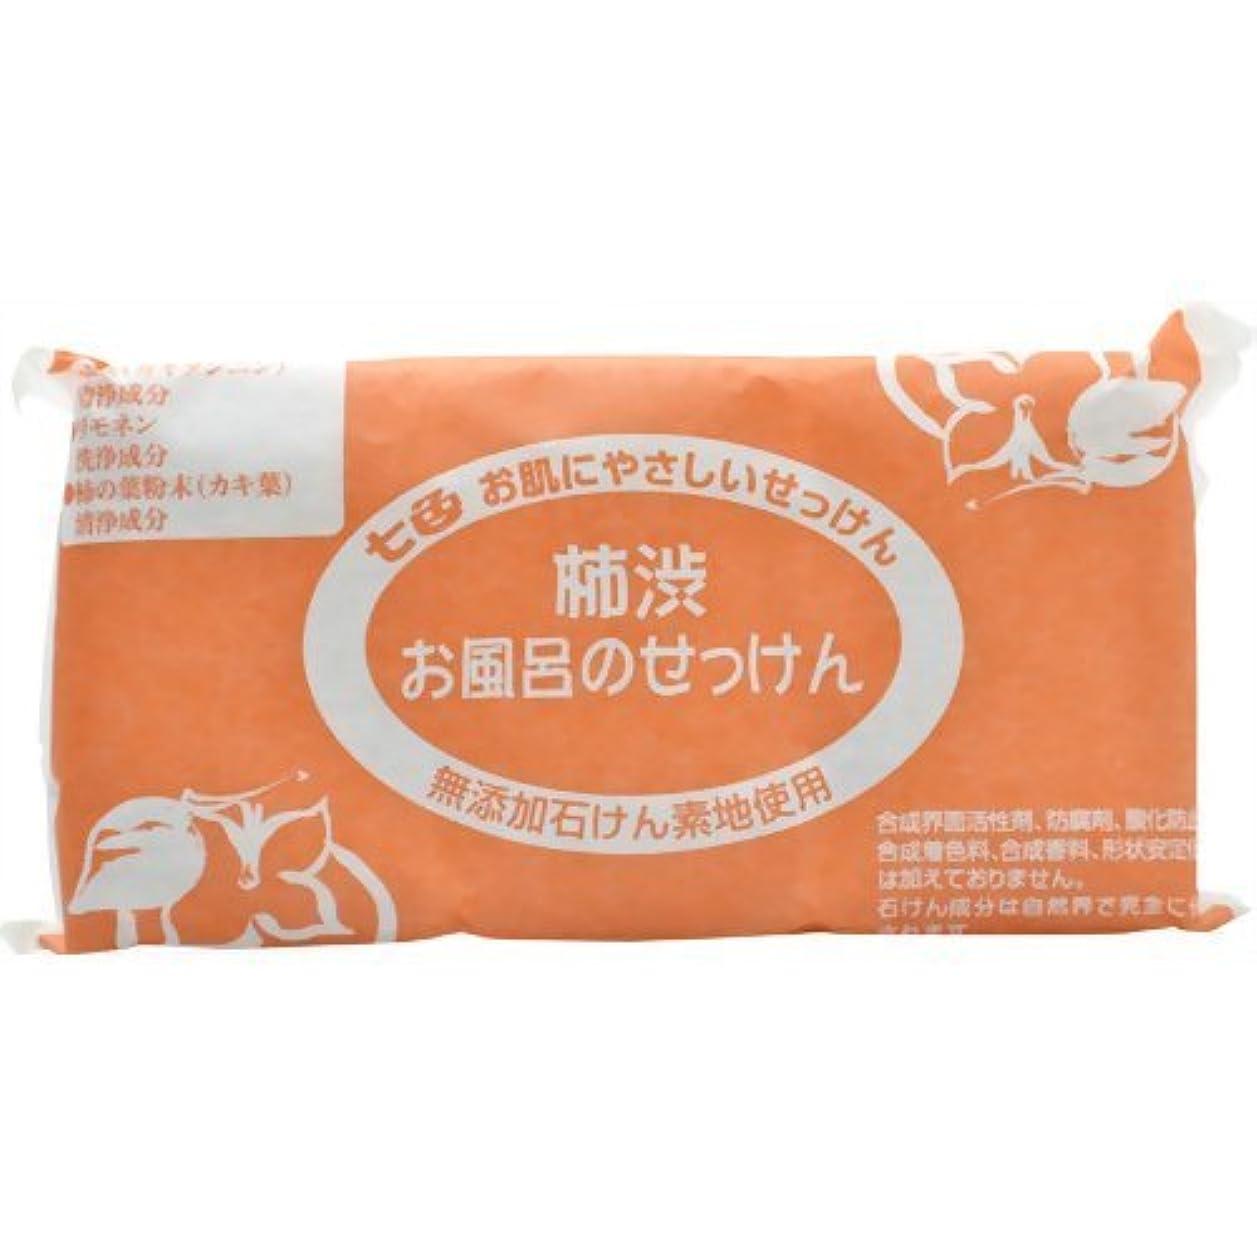 やる資源更新七色 お風呂のせっけん 柿渋(無添加石鹸) 100g×3個入